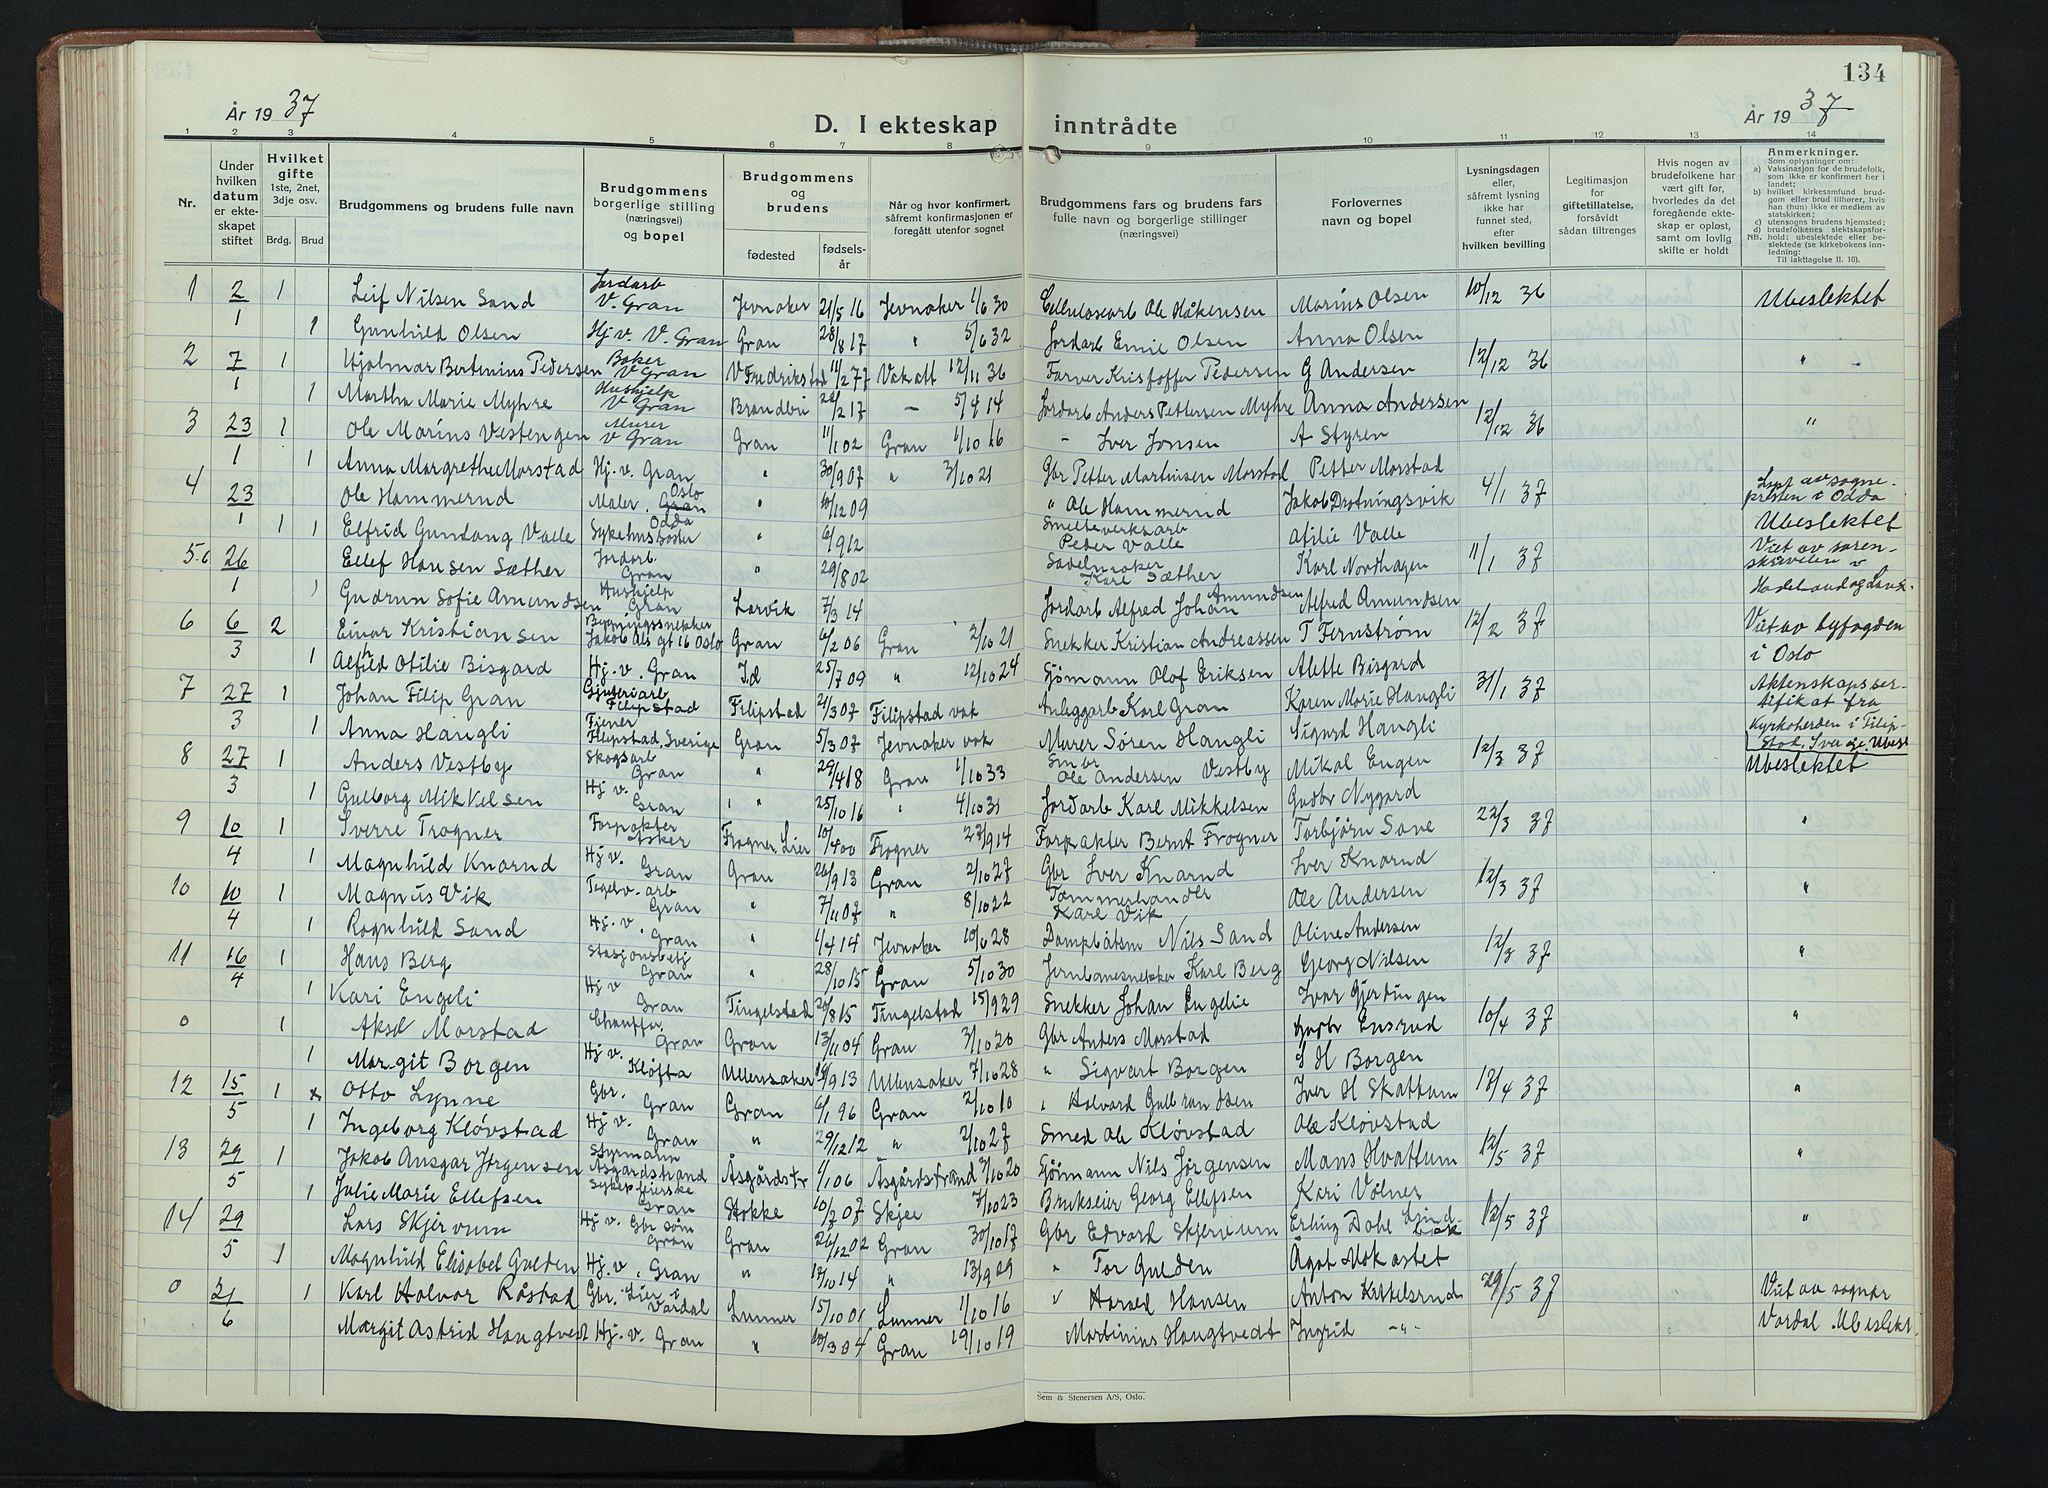 SAH, Gran prestekontor, Klokkerbok nr. 9, 1933-1950, s. 134